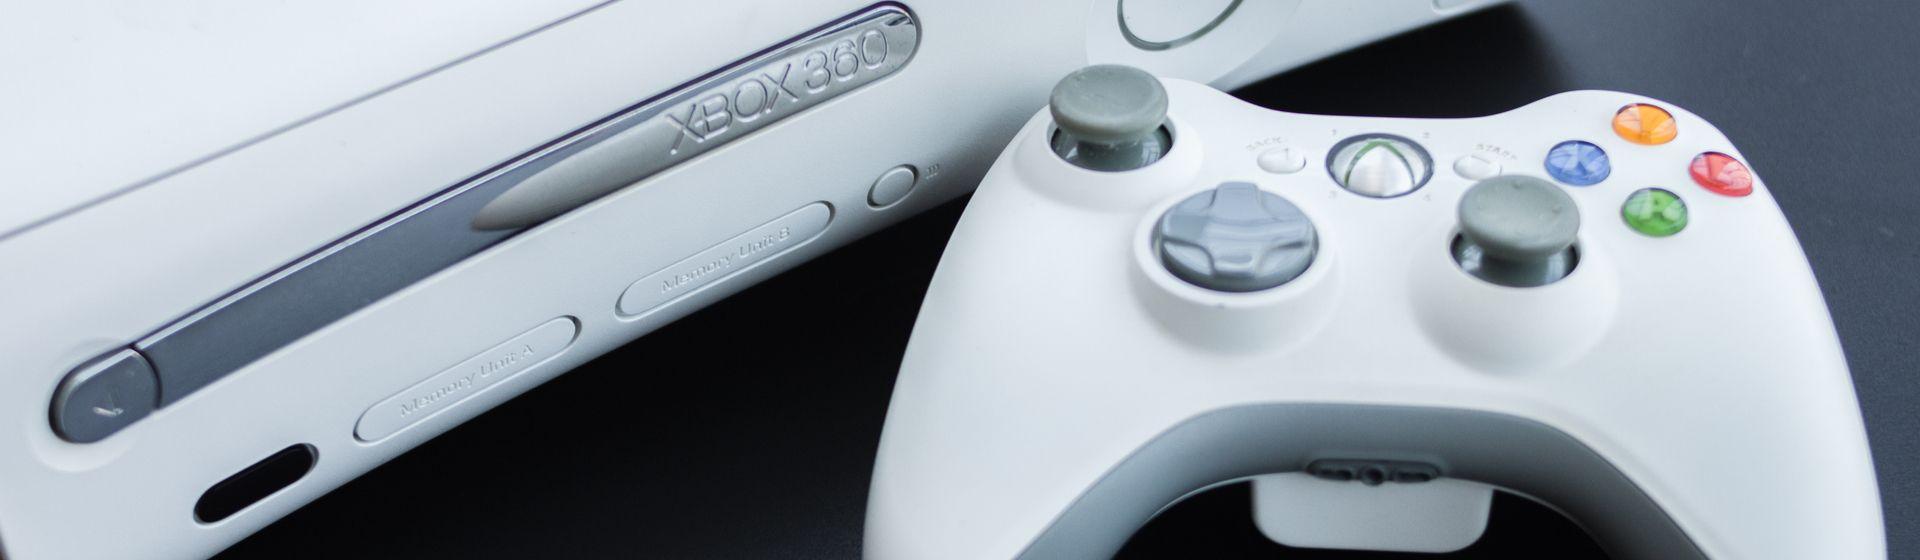 Melhores jogos de Xbox 360 em 2021